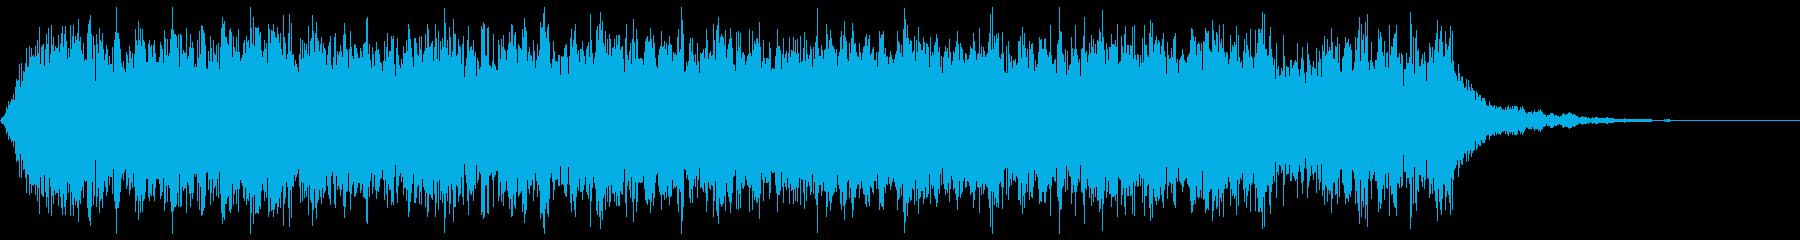 短調でエモーショナルなクワイア/コーラスの再生済みの波形